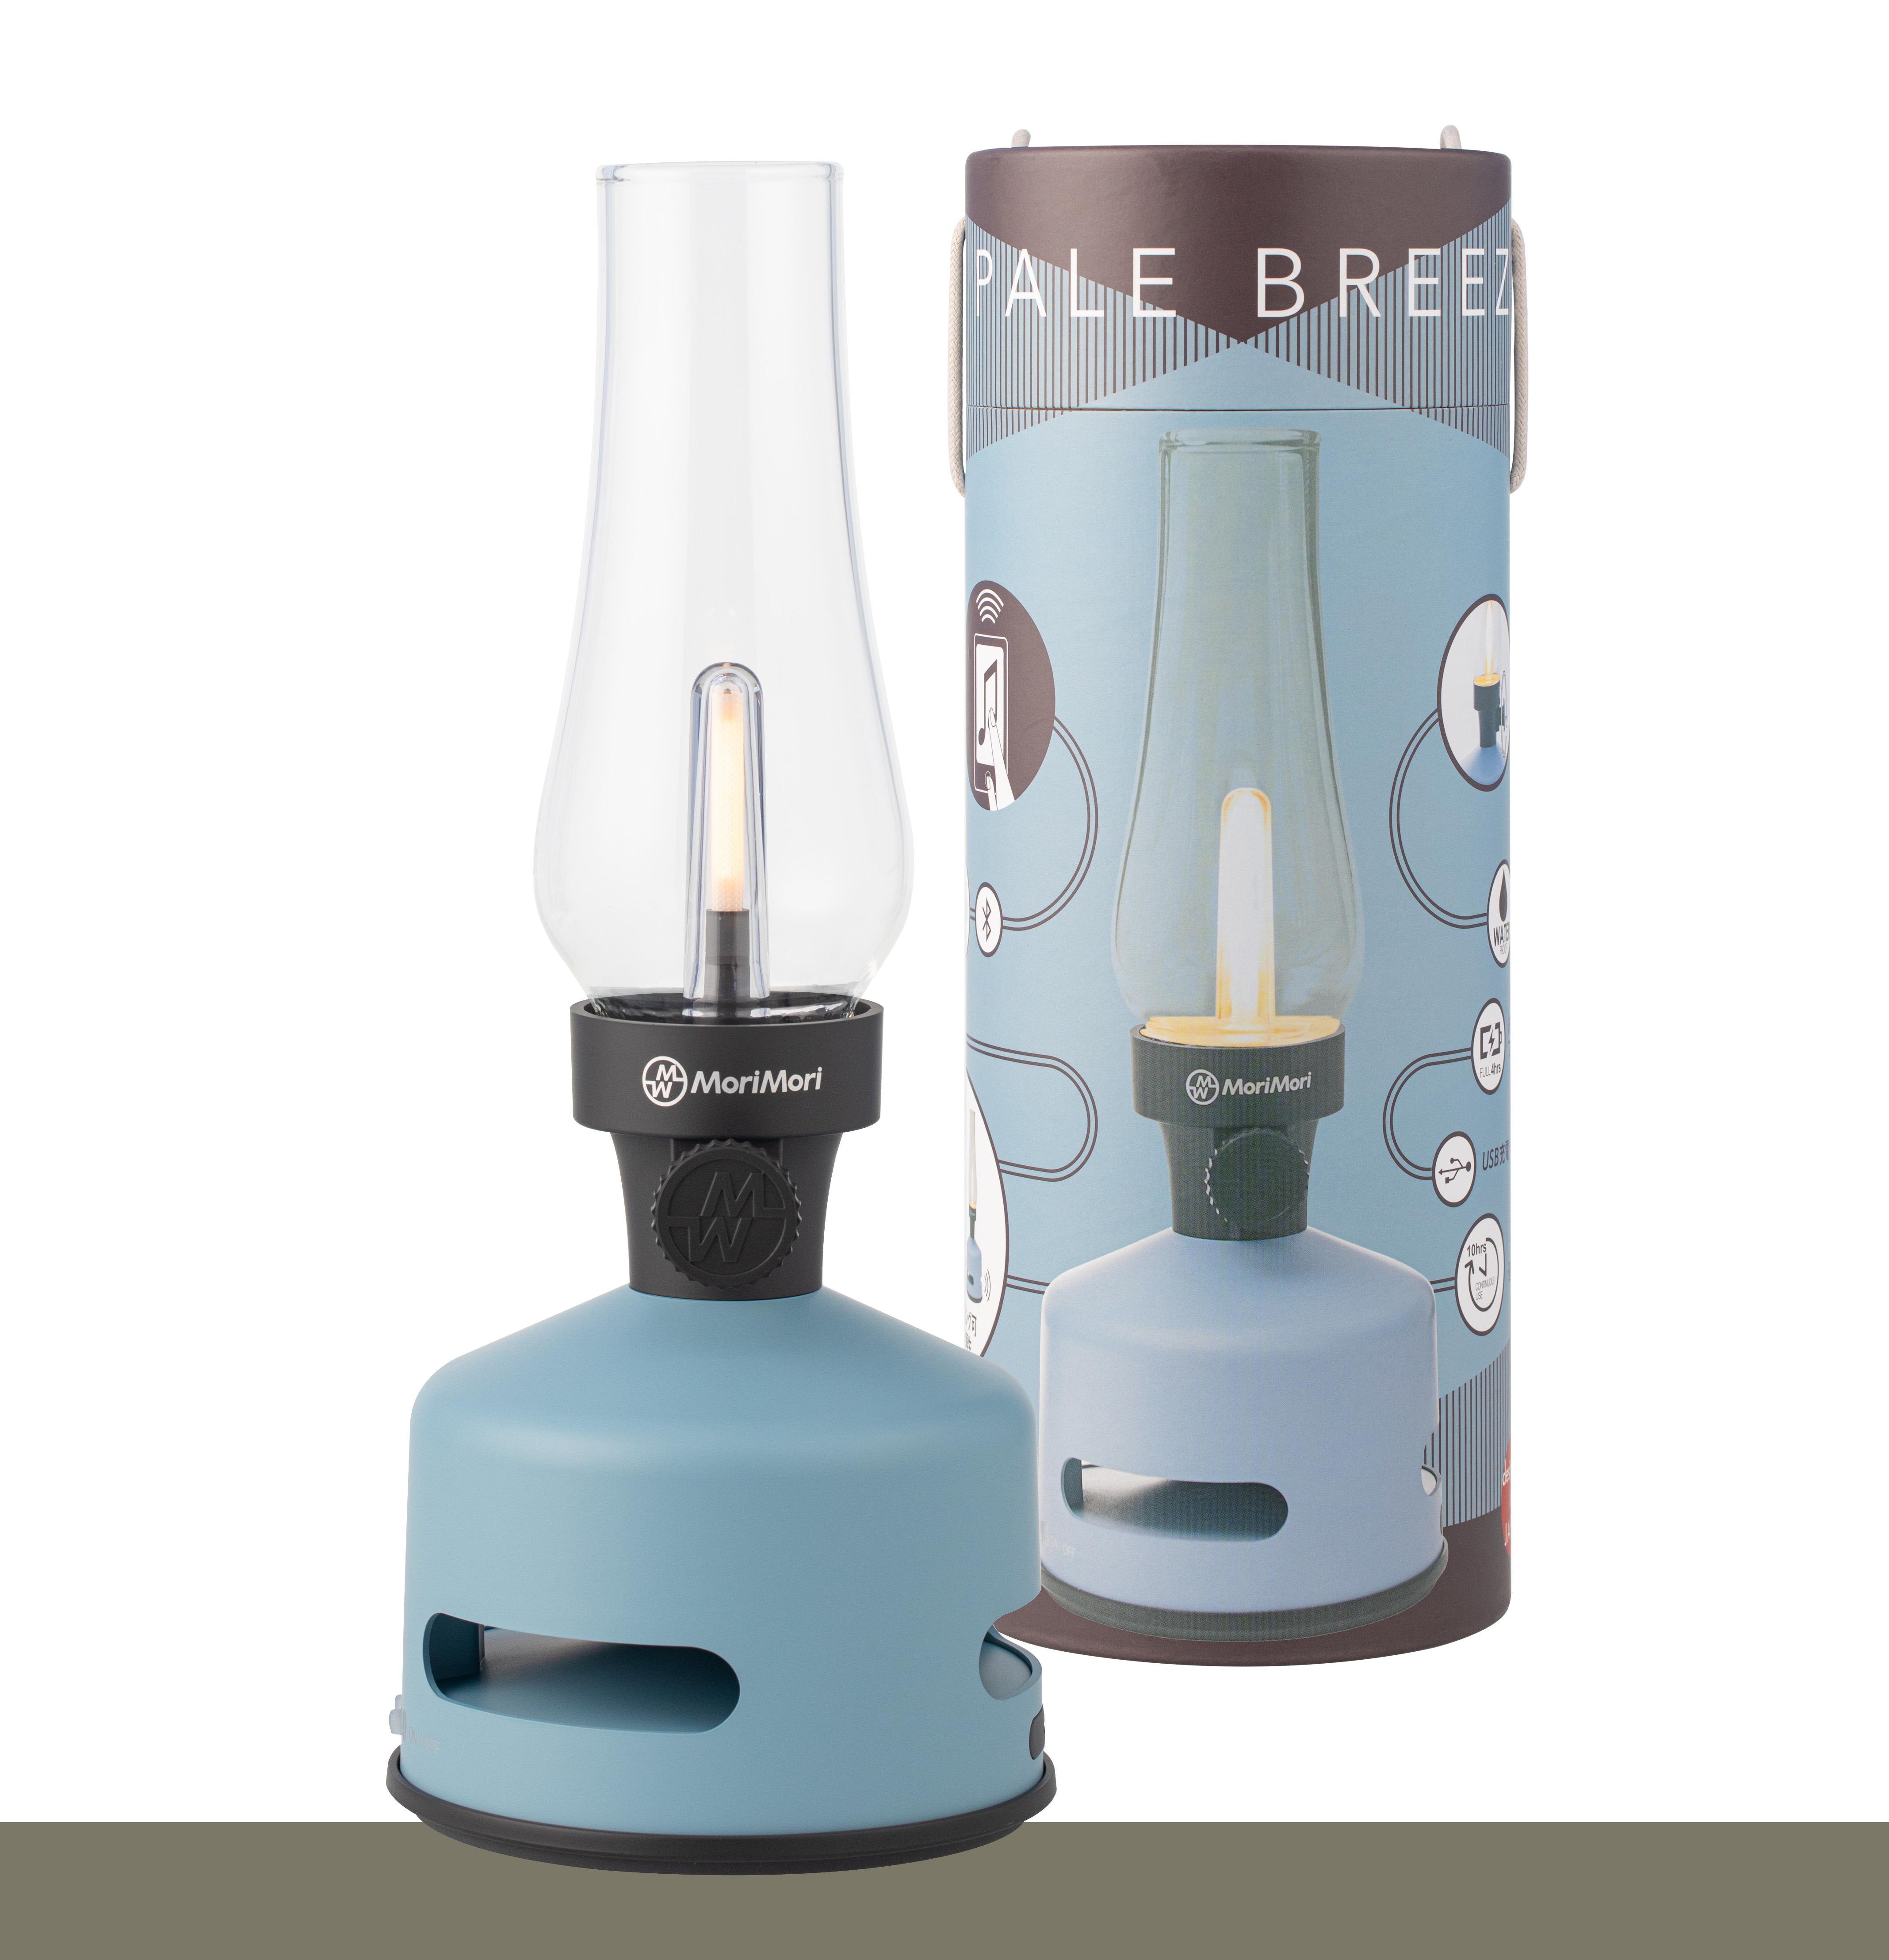 【MoriMori】LED煤油燈藍牙音響-藍色 多功能LED燈 小夜燈 IPX4防水 藍芽音響 氣氛燈 照明燈 環繞音效